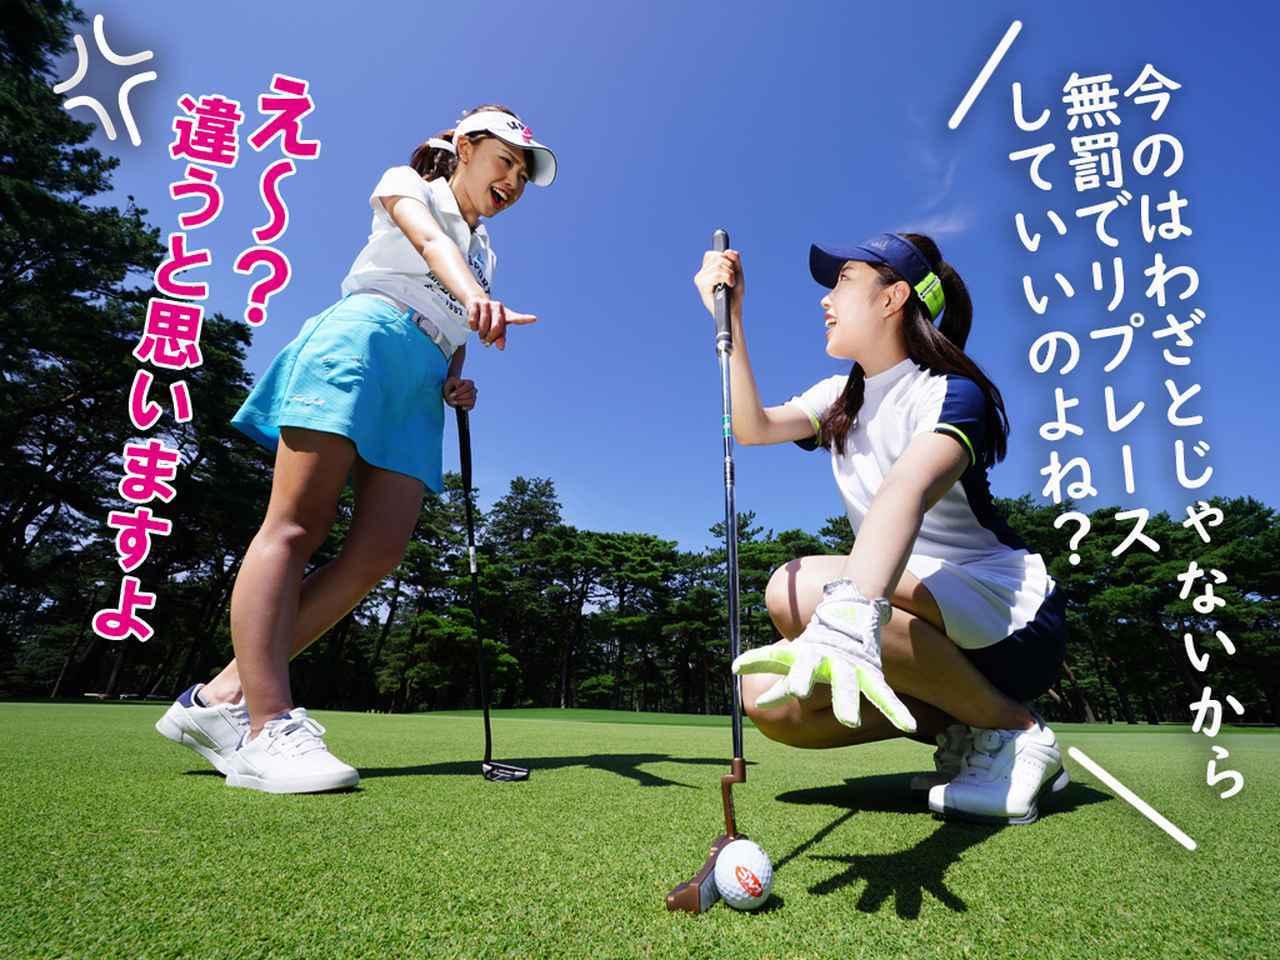 画像3: 【新ルール】風で動いた球がパターに当たって止まった! これって罰あり? なし?